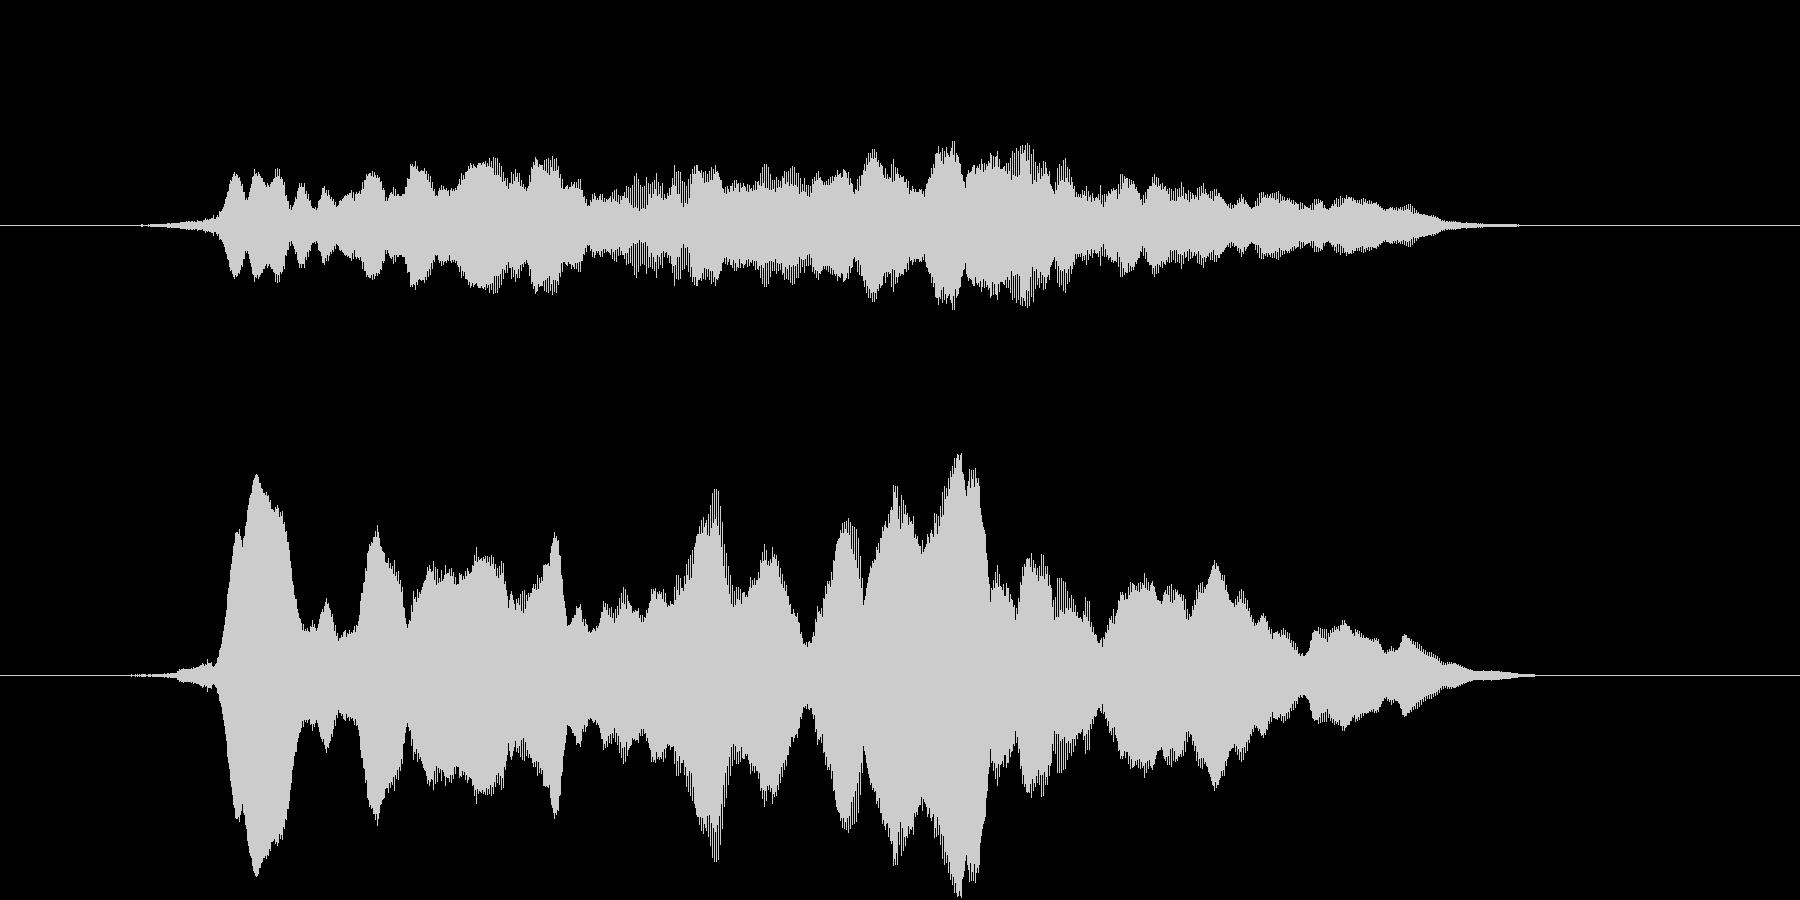 サウンドロゴ(和風、アジア)の未再生の波形